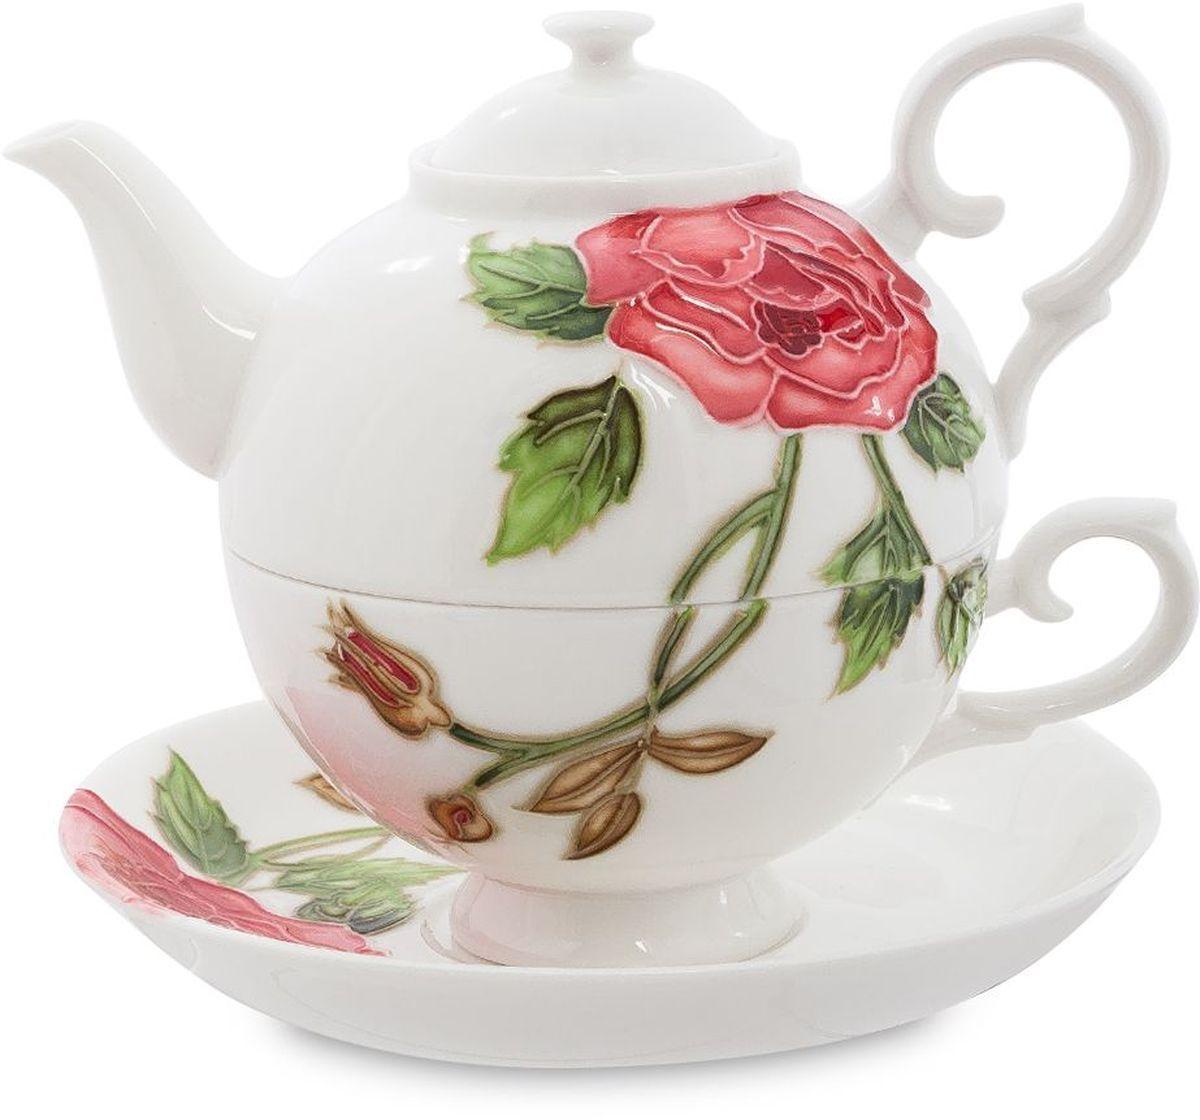 Набор чайный Pavone Рафаэлло. Роза, 3 предмета. 451581115510Объем чайника: 400 млОбъем чаши: 250 млДиаметр блюдца: 15 см